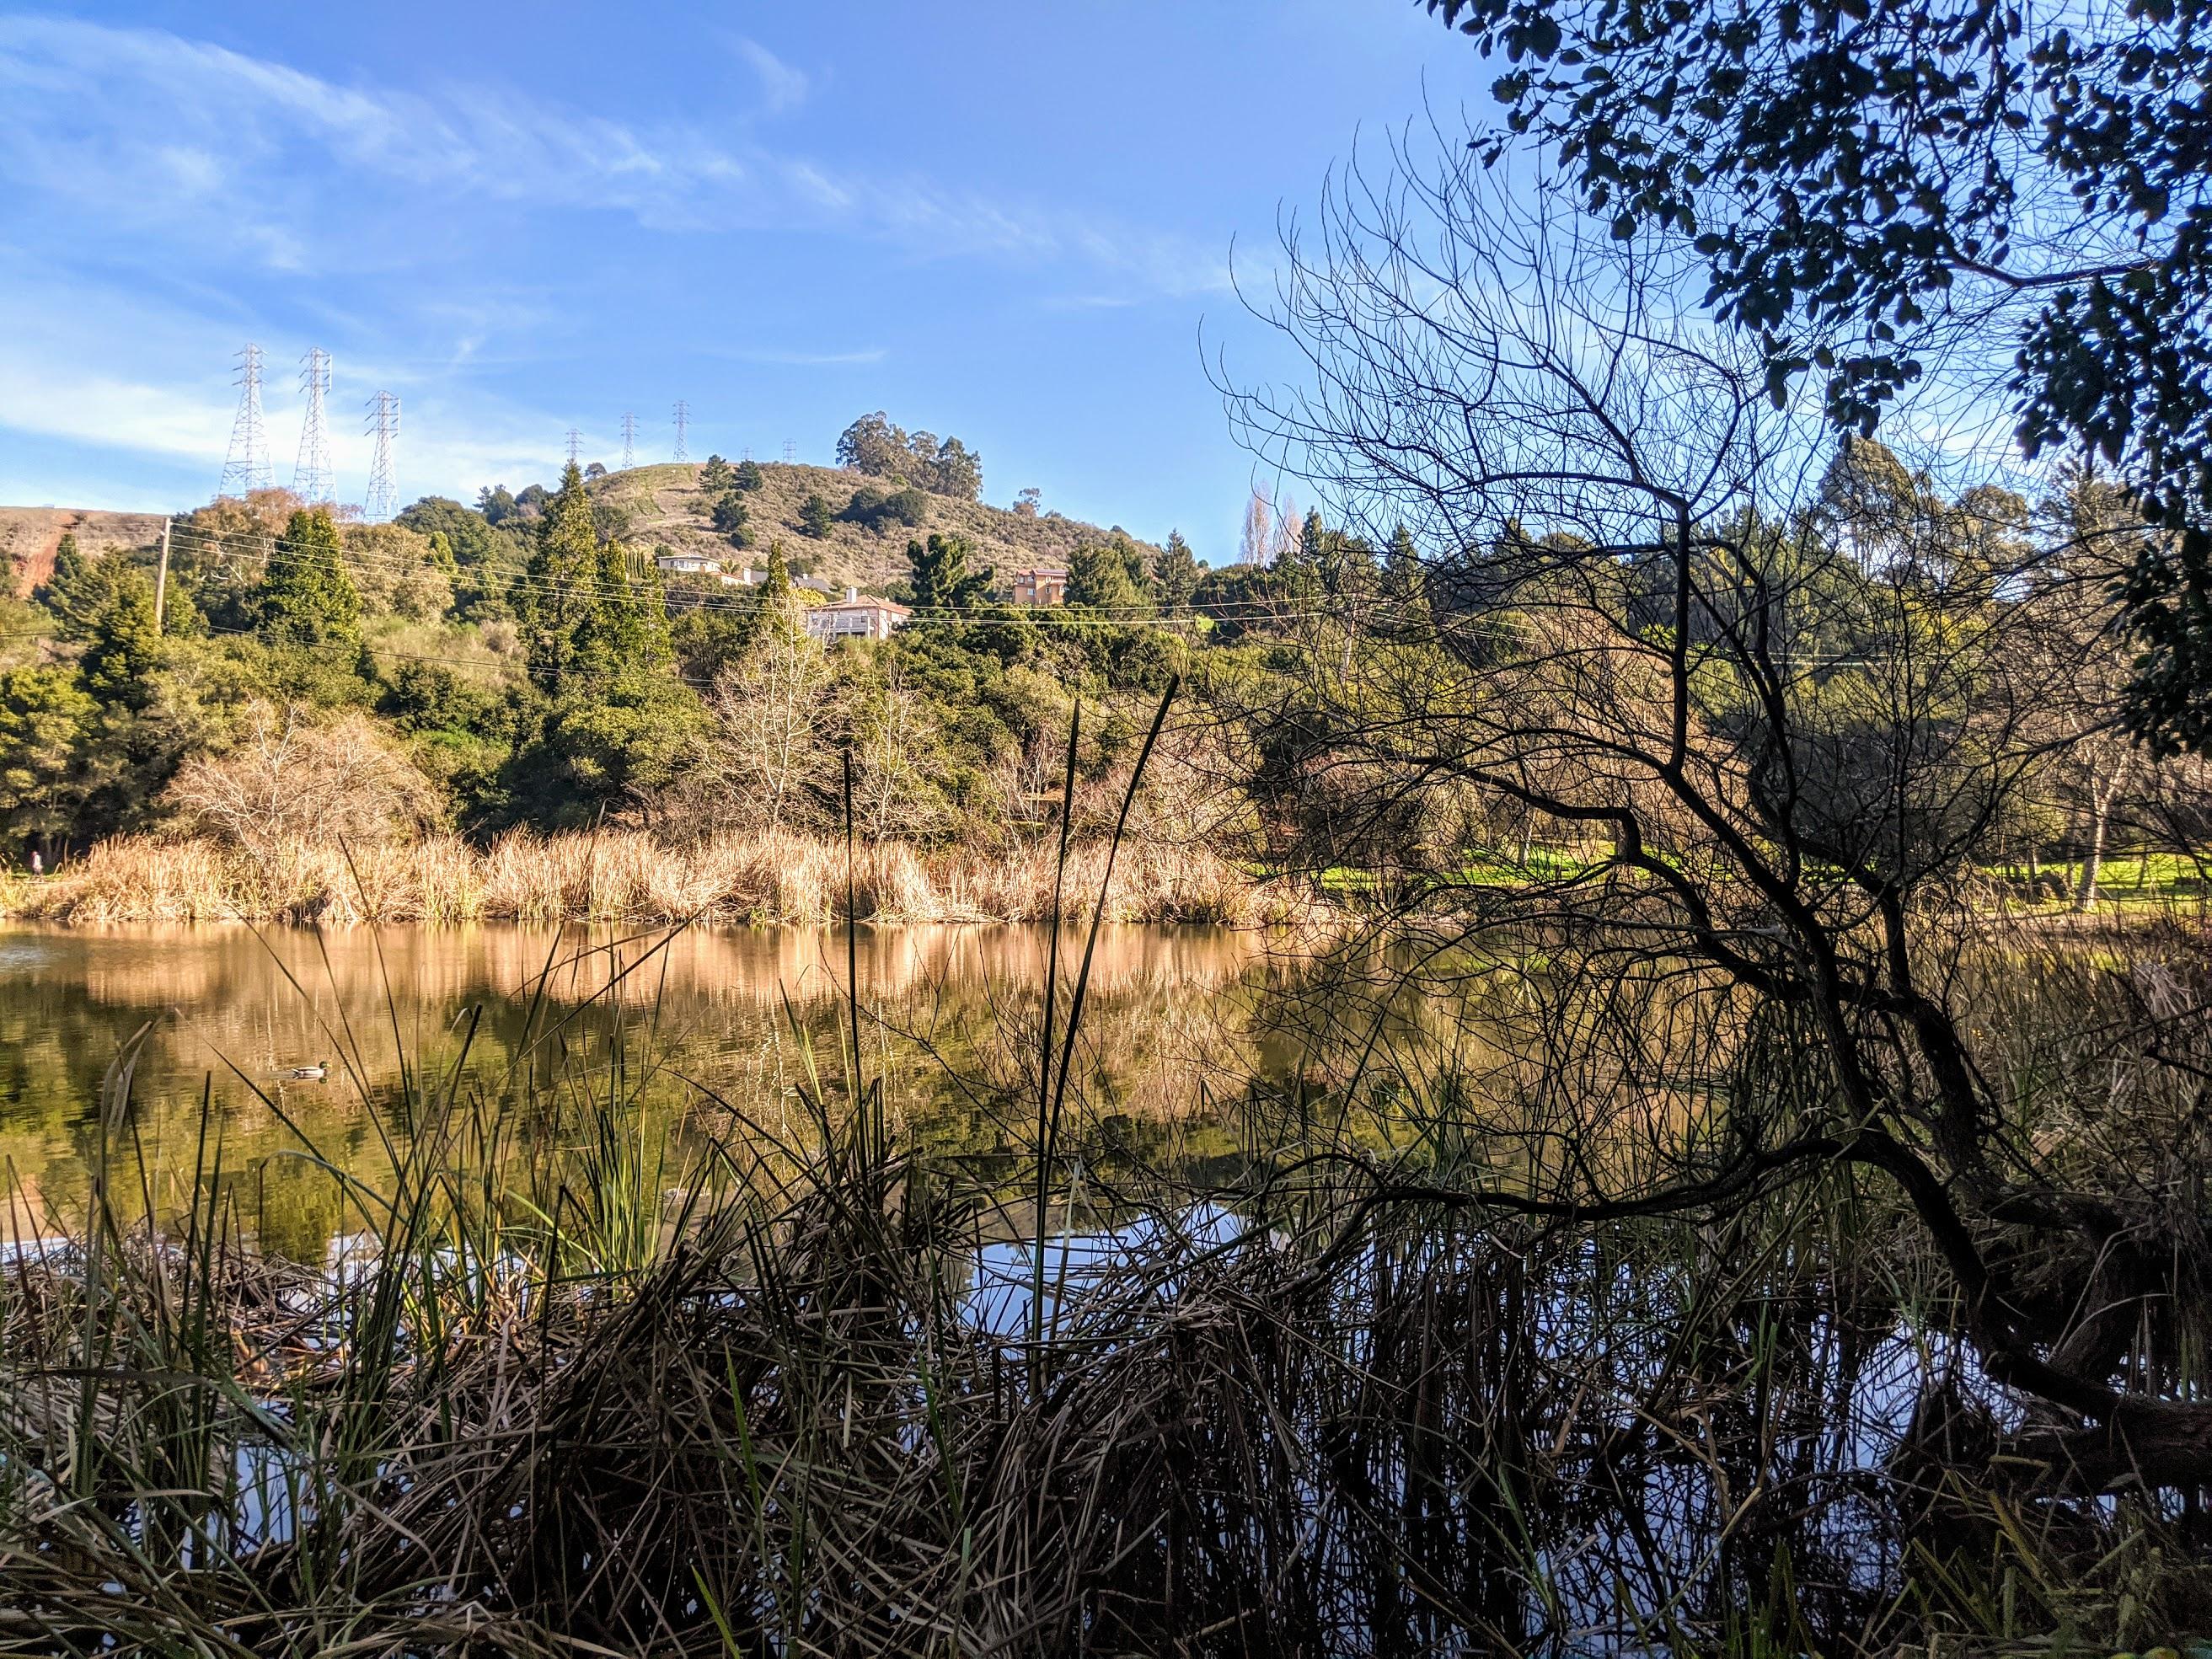 Altra immagine di Temescal Lake sulle colline di Oakland.